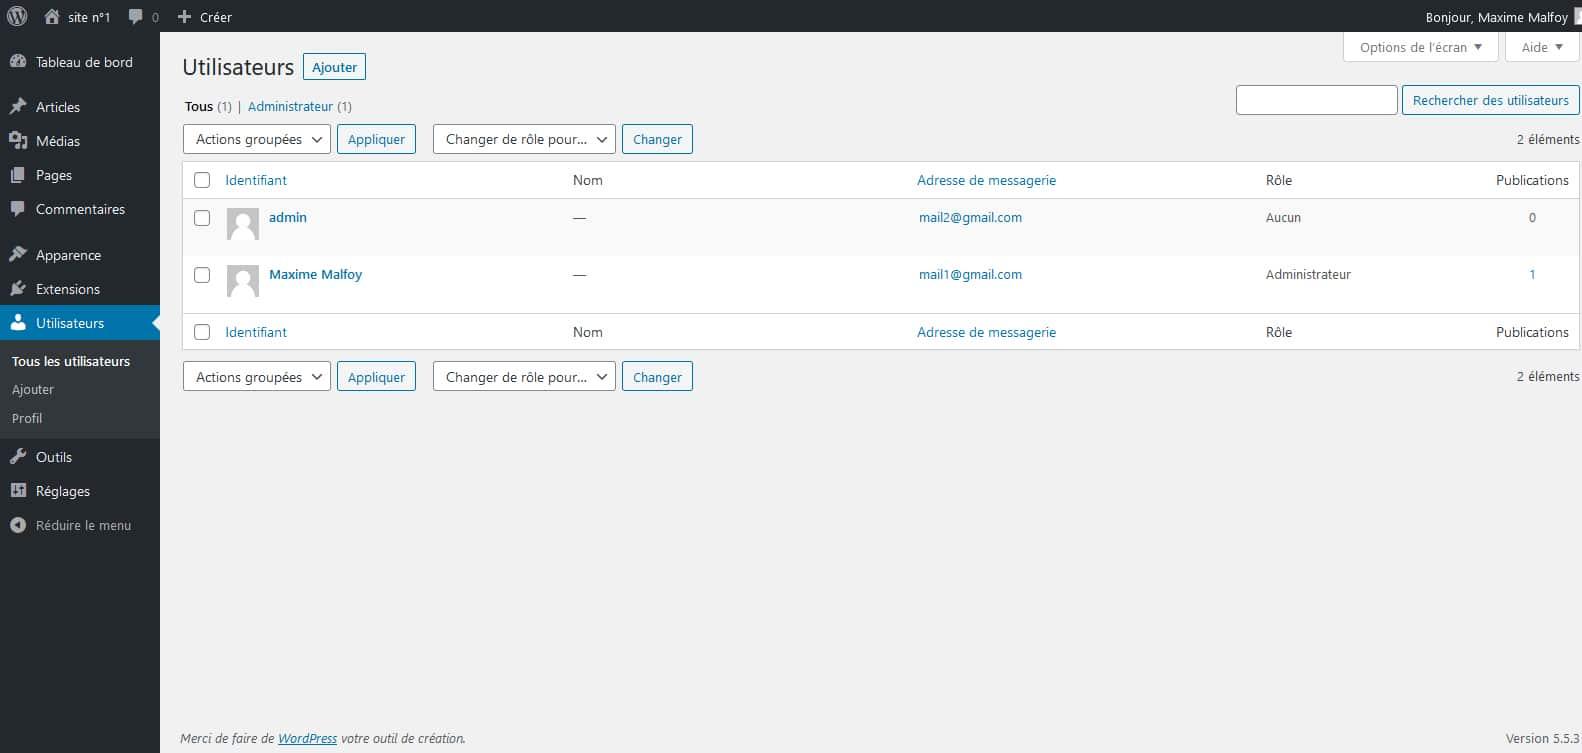 Le WordPress n°2 partage ses utilisateurs avec le site n°1